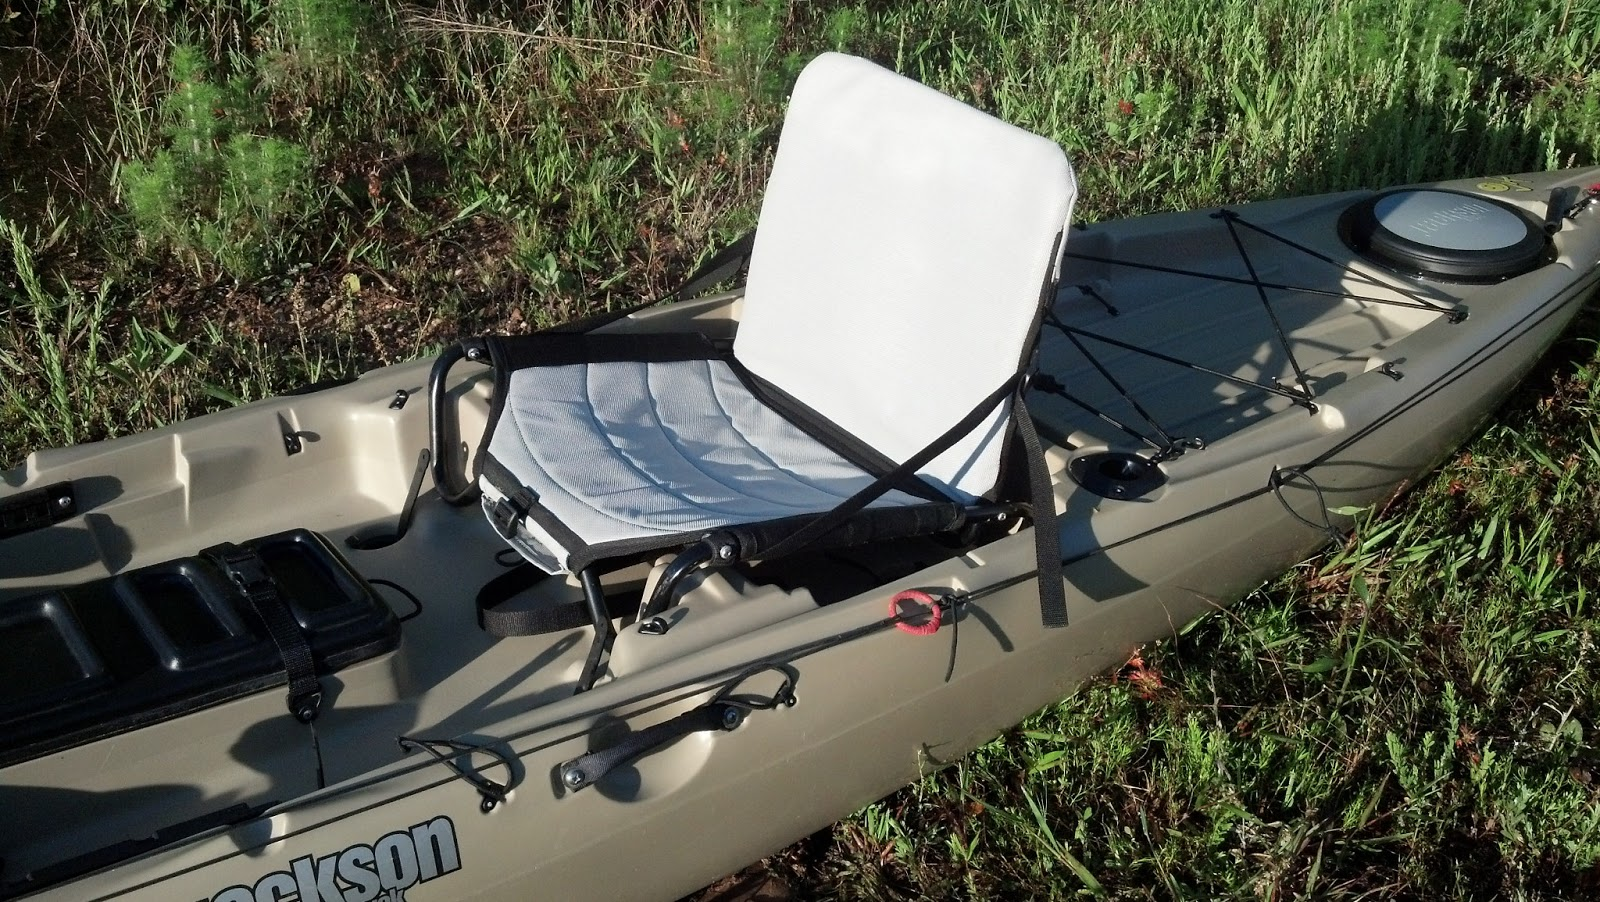 Georgia kayak fishing jackson cuda 14 review for Kayak fishing seats